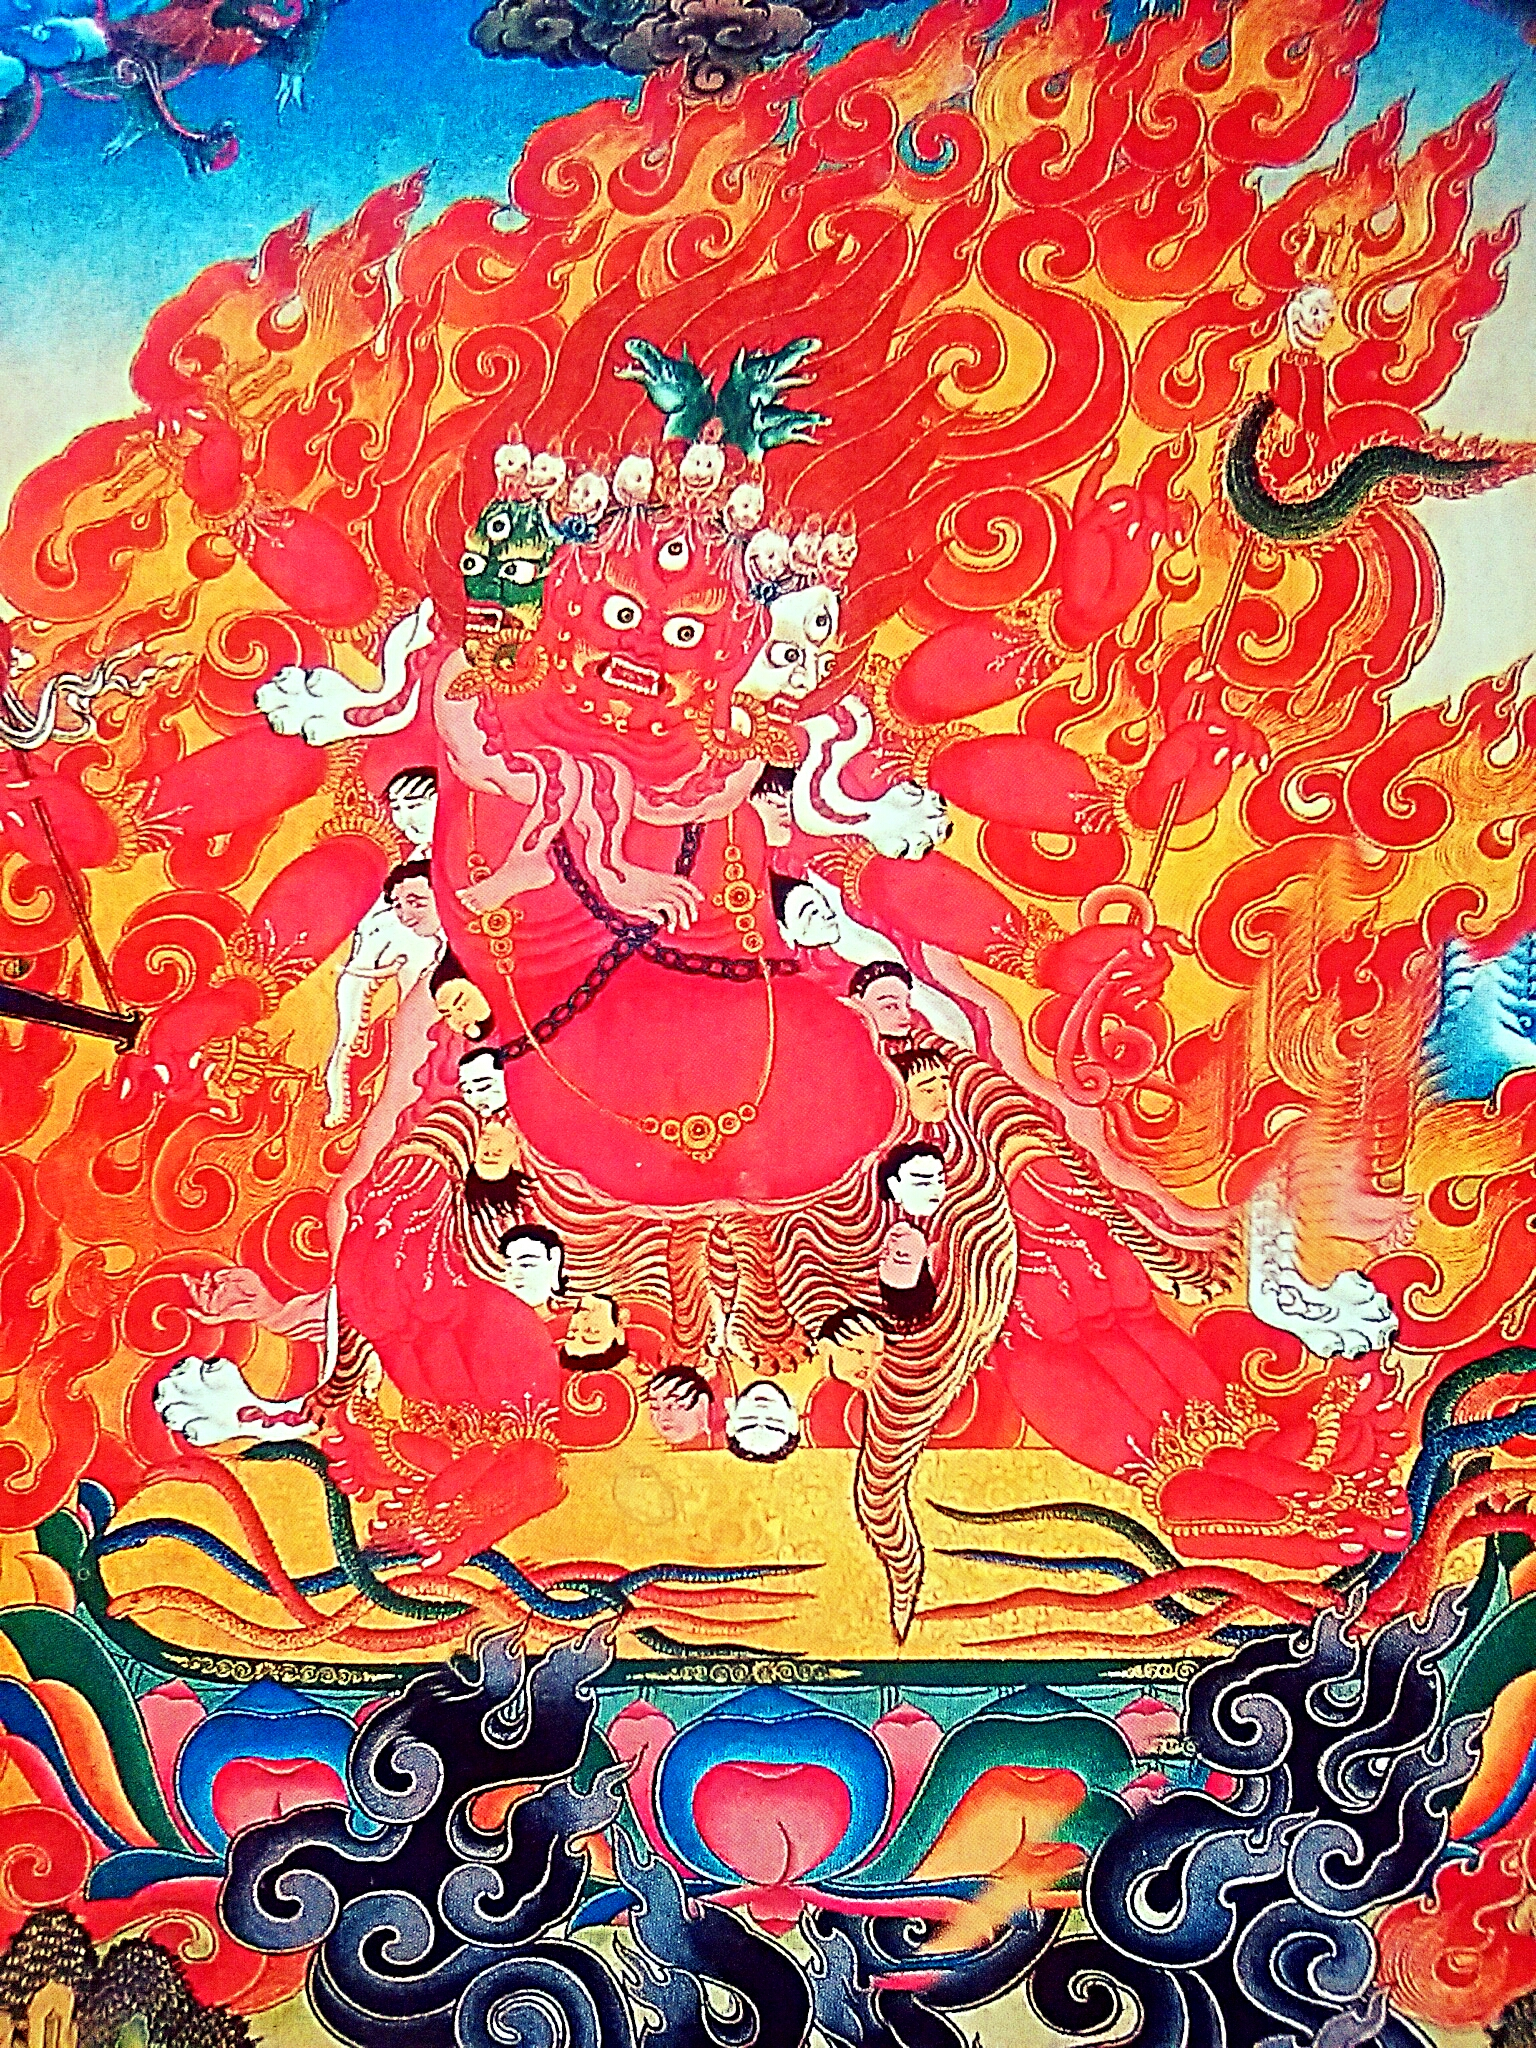 チベット仏教の仏達が持つ法具の意味とは?『金剛杵から頭蓋骨の杯等20選』